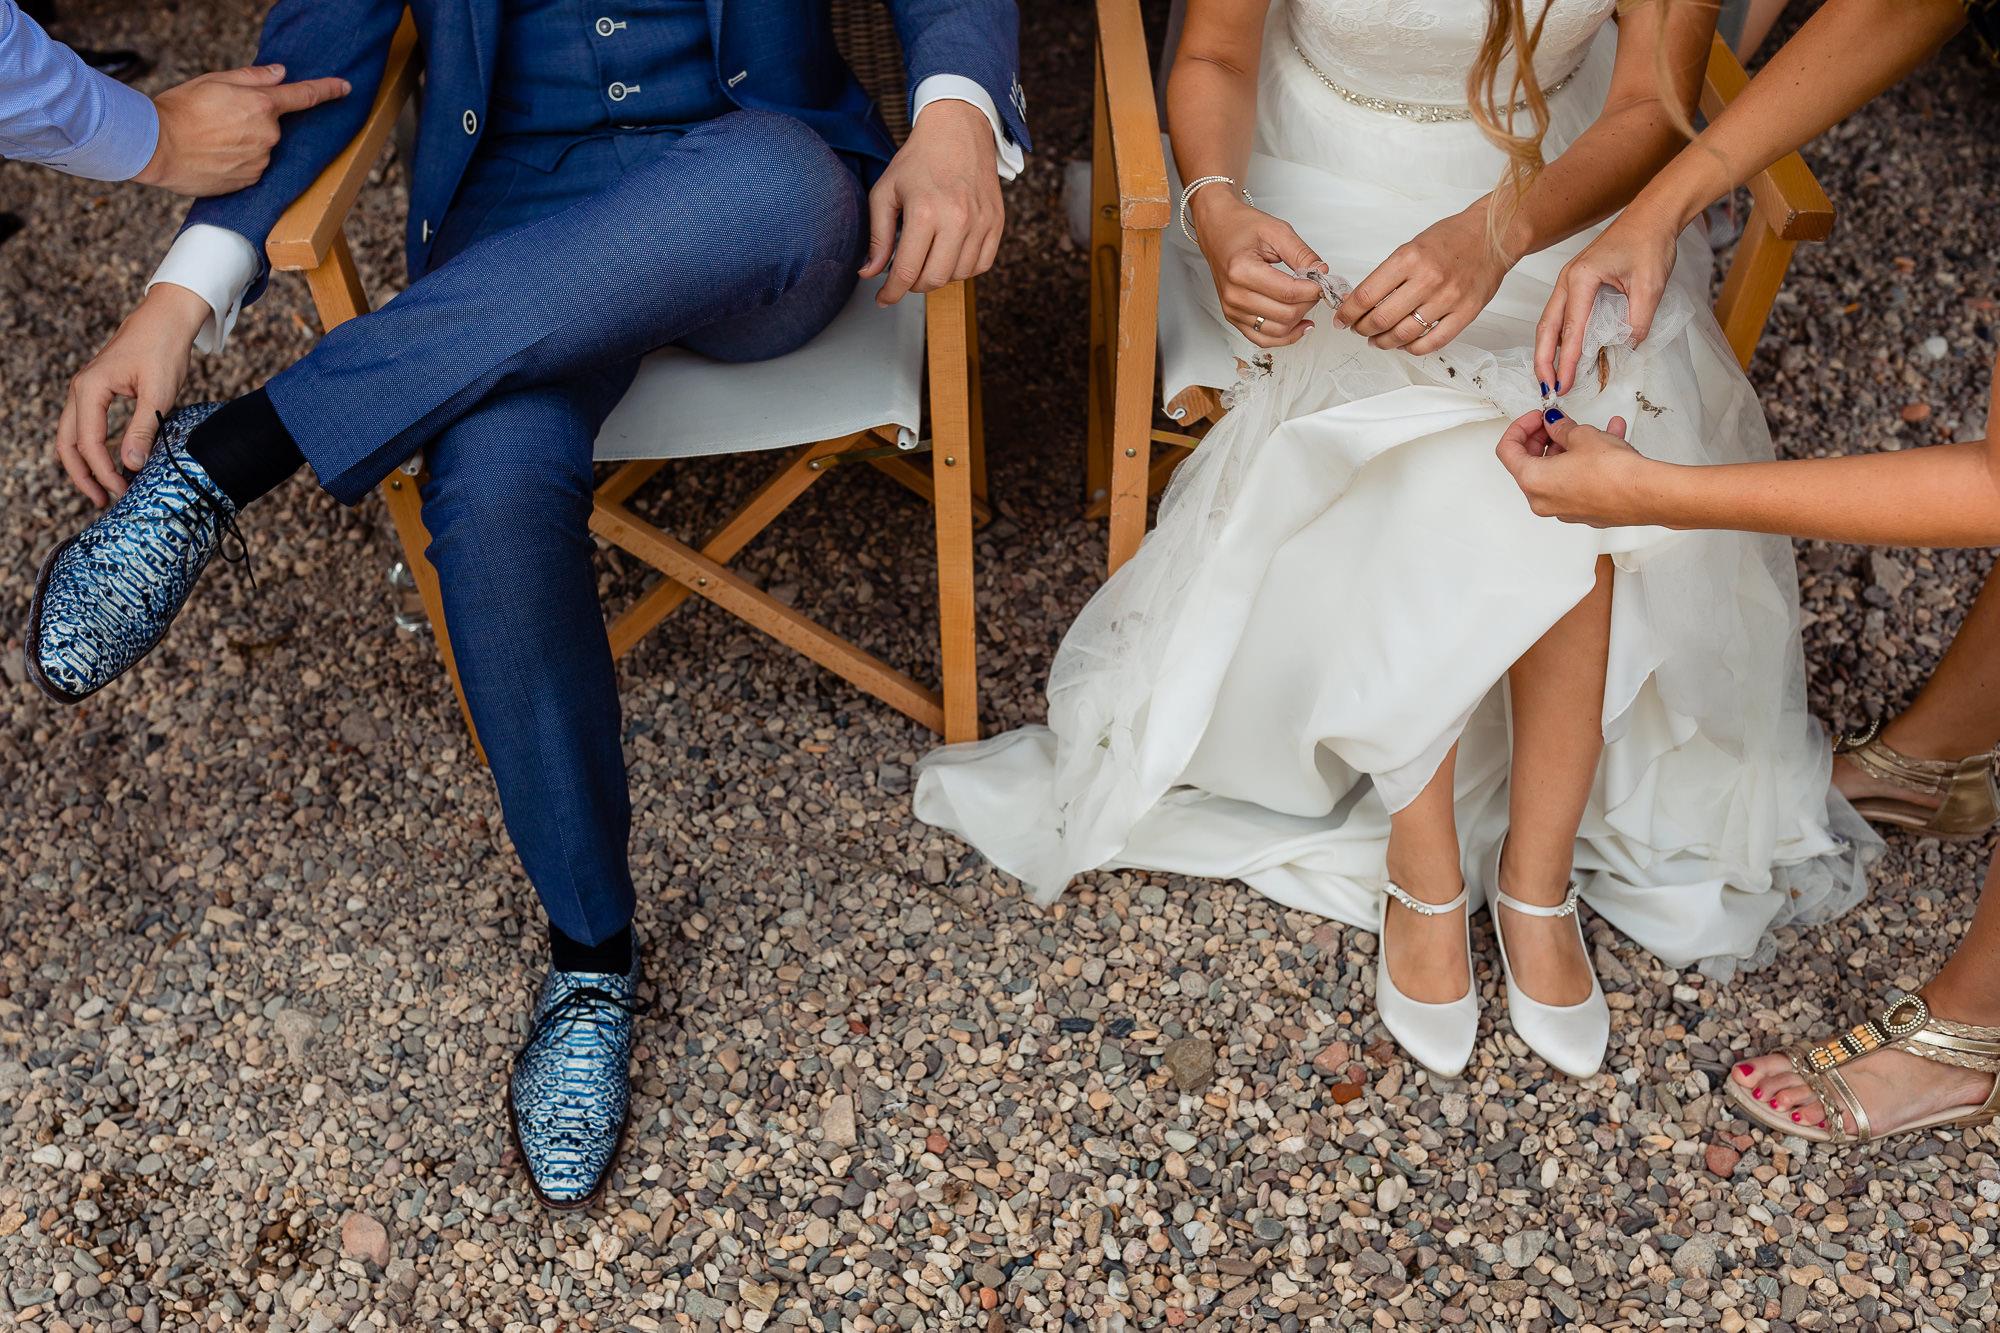 Bruidspaar wordt schoongemaakt terwijl ze zitten